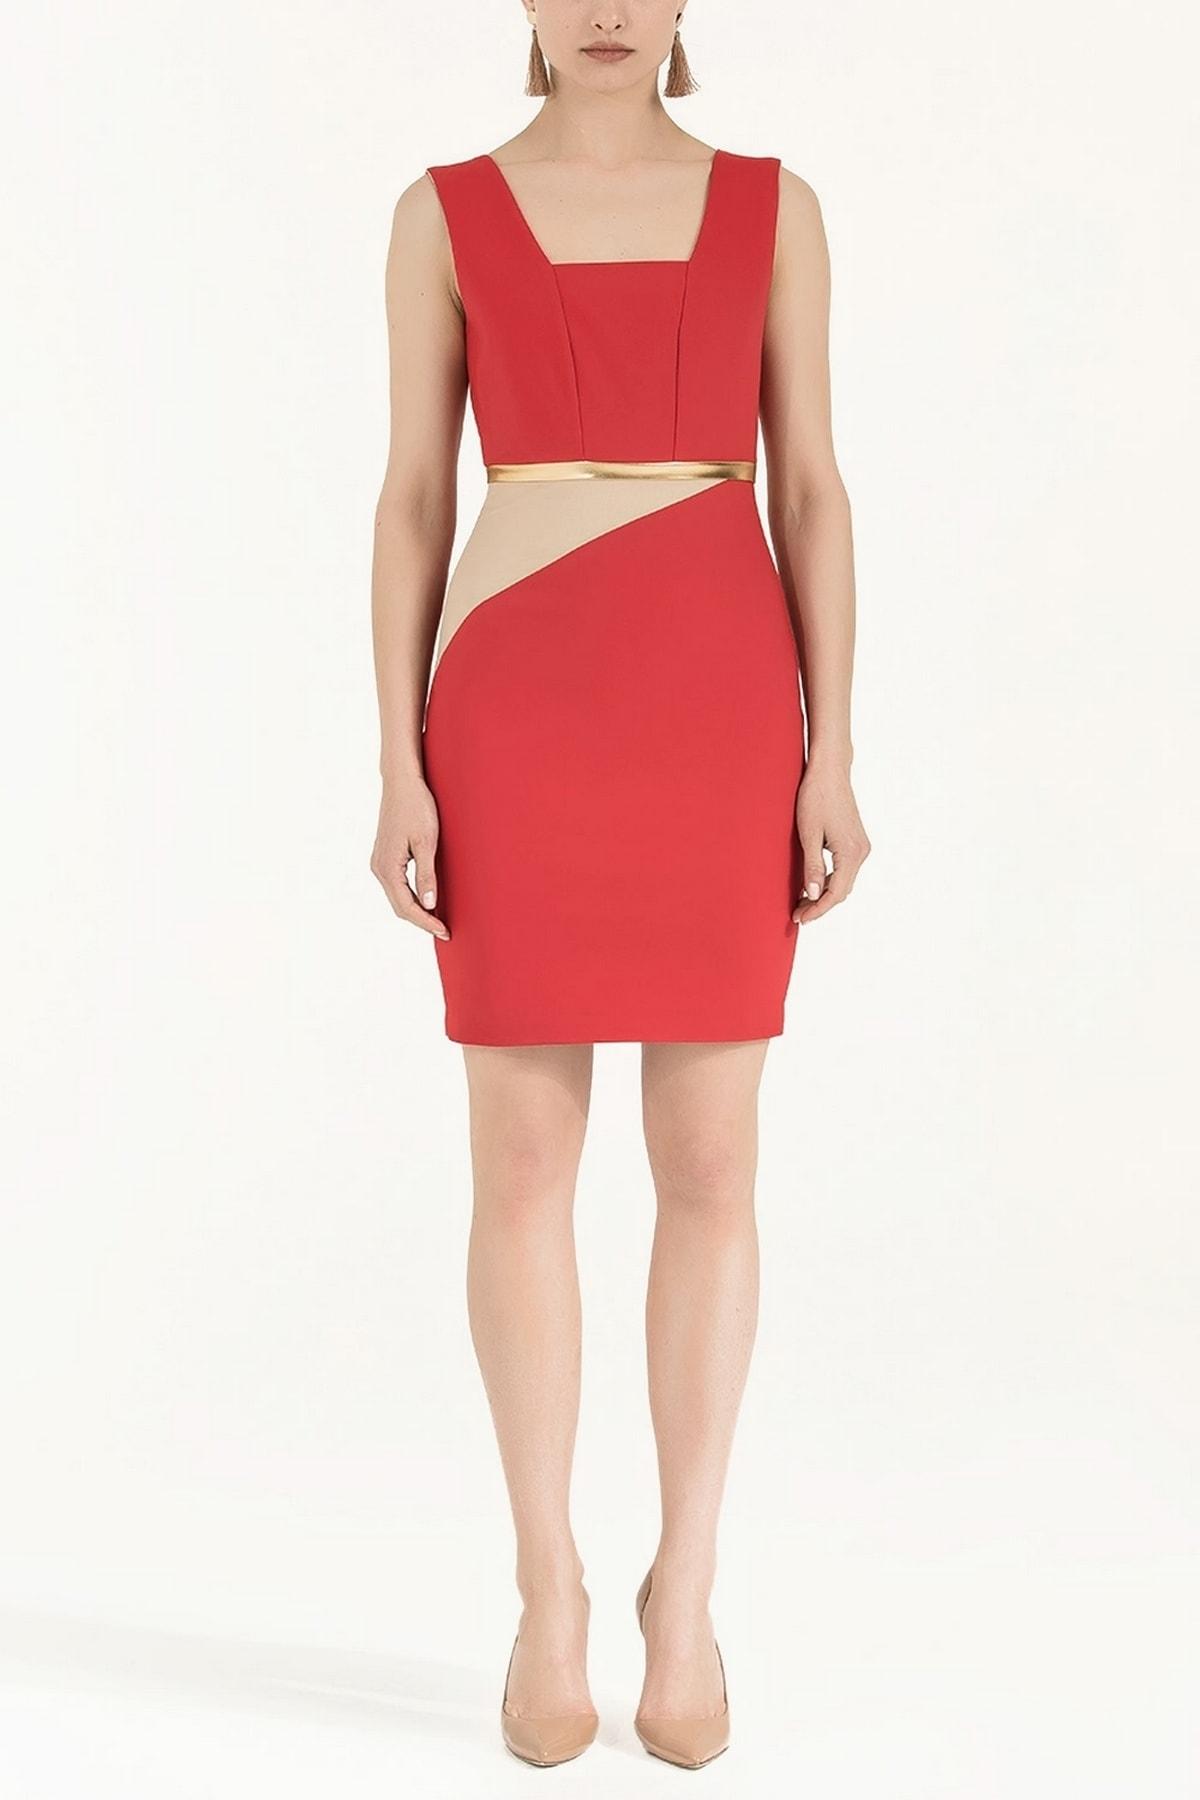 SOCIETA Lame Mixli Elbise Kırmızı 91565 1